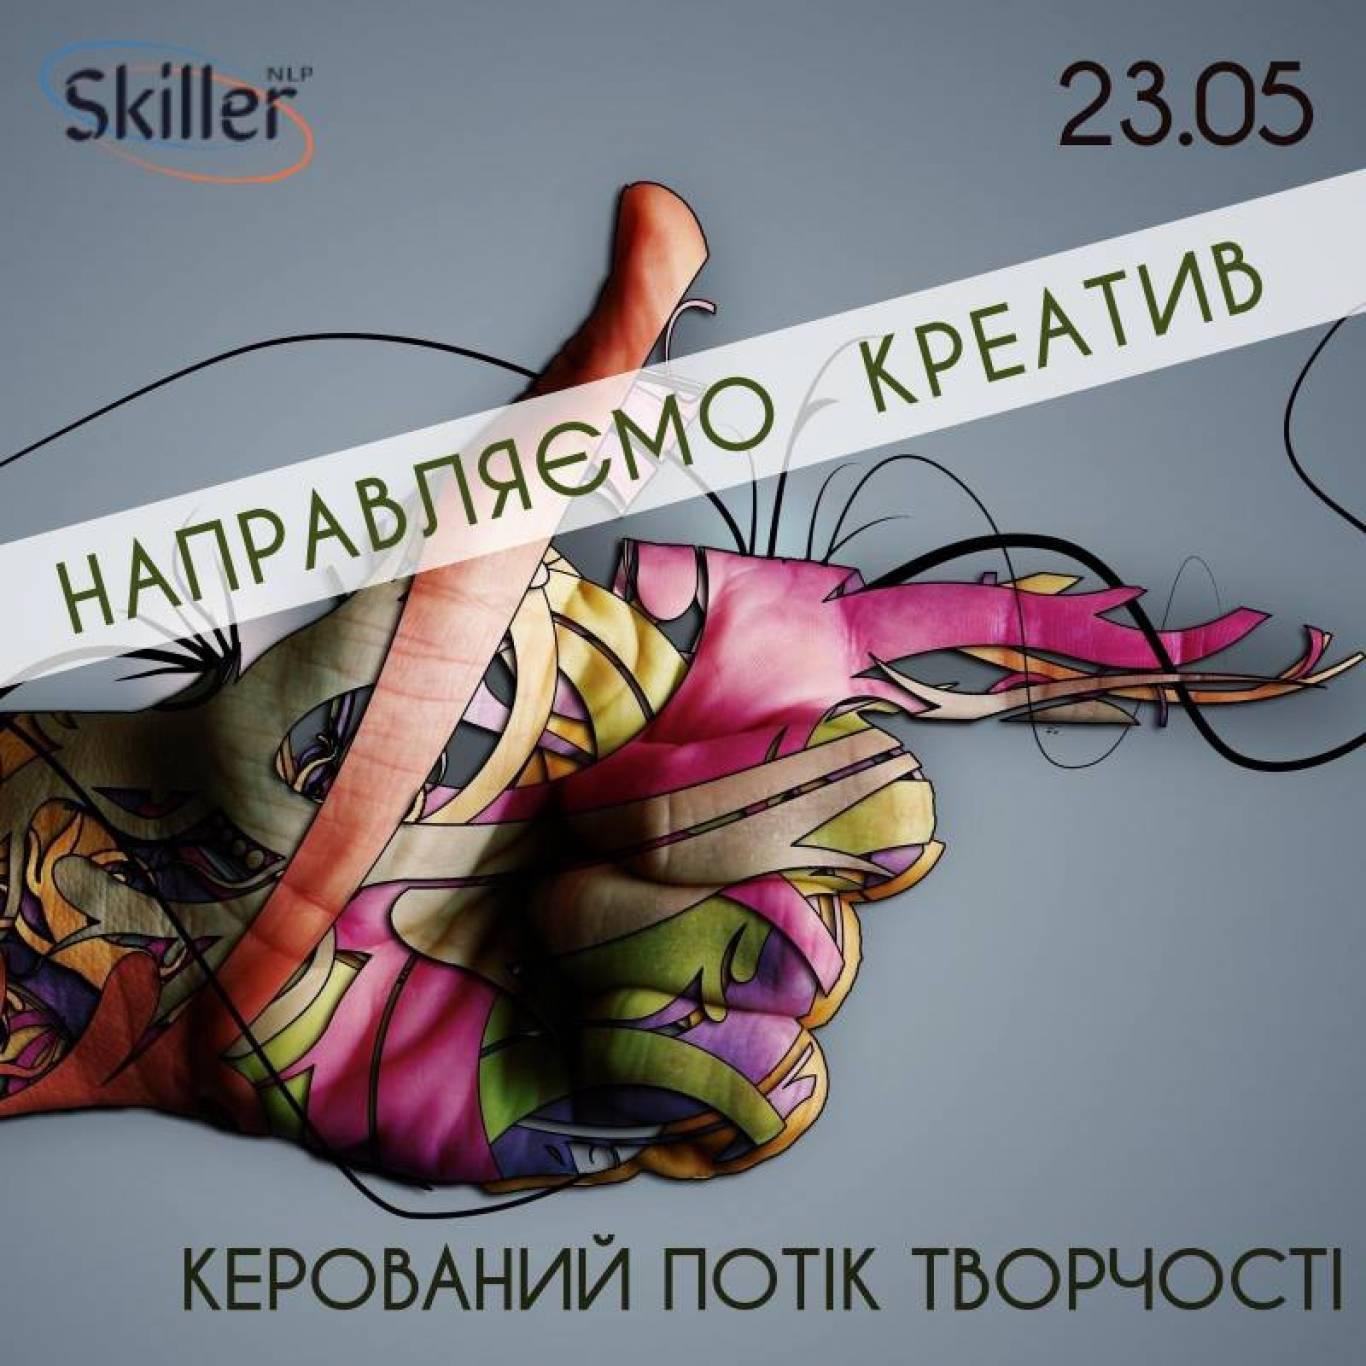 Направляємо креатив: керований потік творчості - тренінг